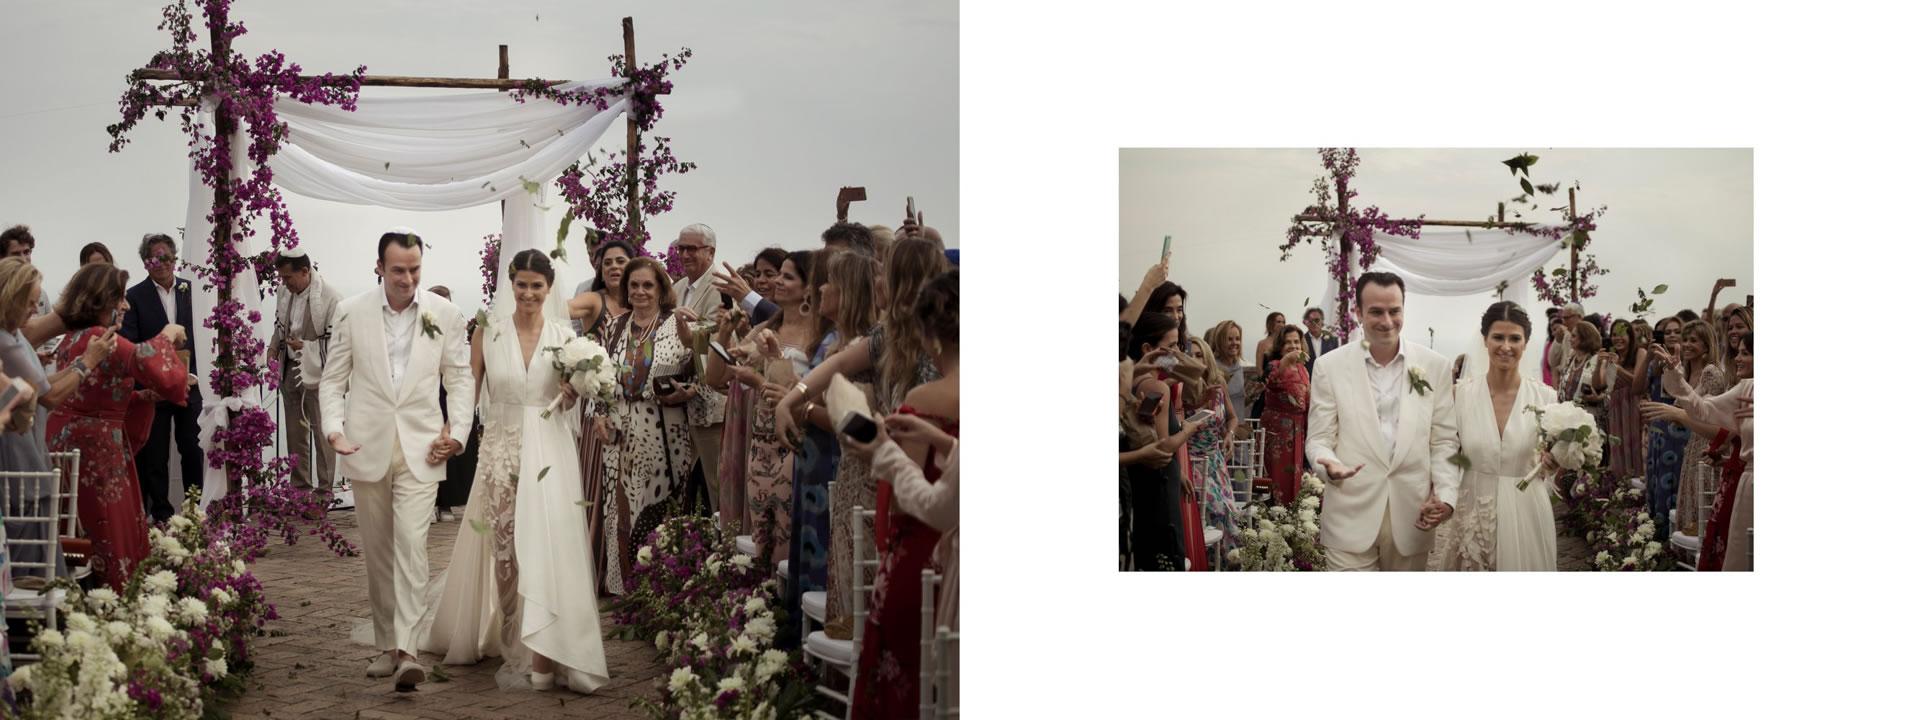 - 39 :: Jewish luxury wedding weekend in Capri :: Luxury wedding photography - 38 ::  - 39